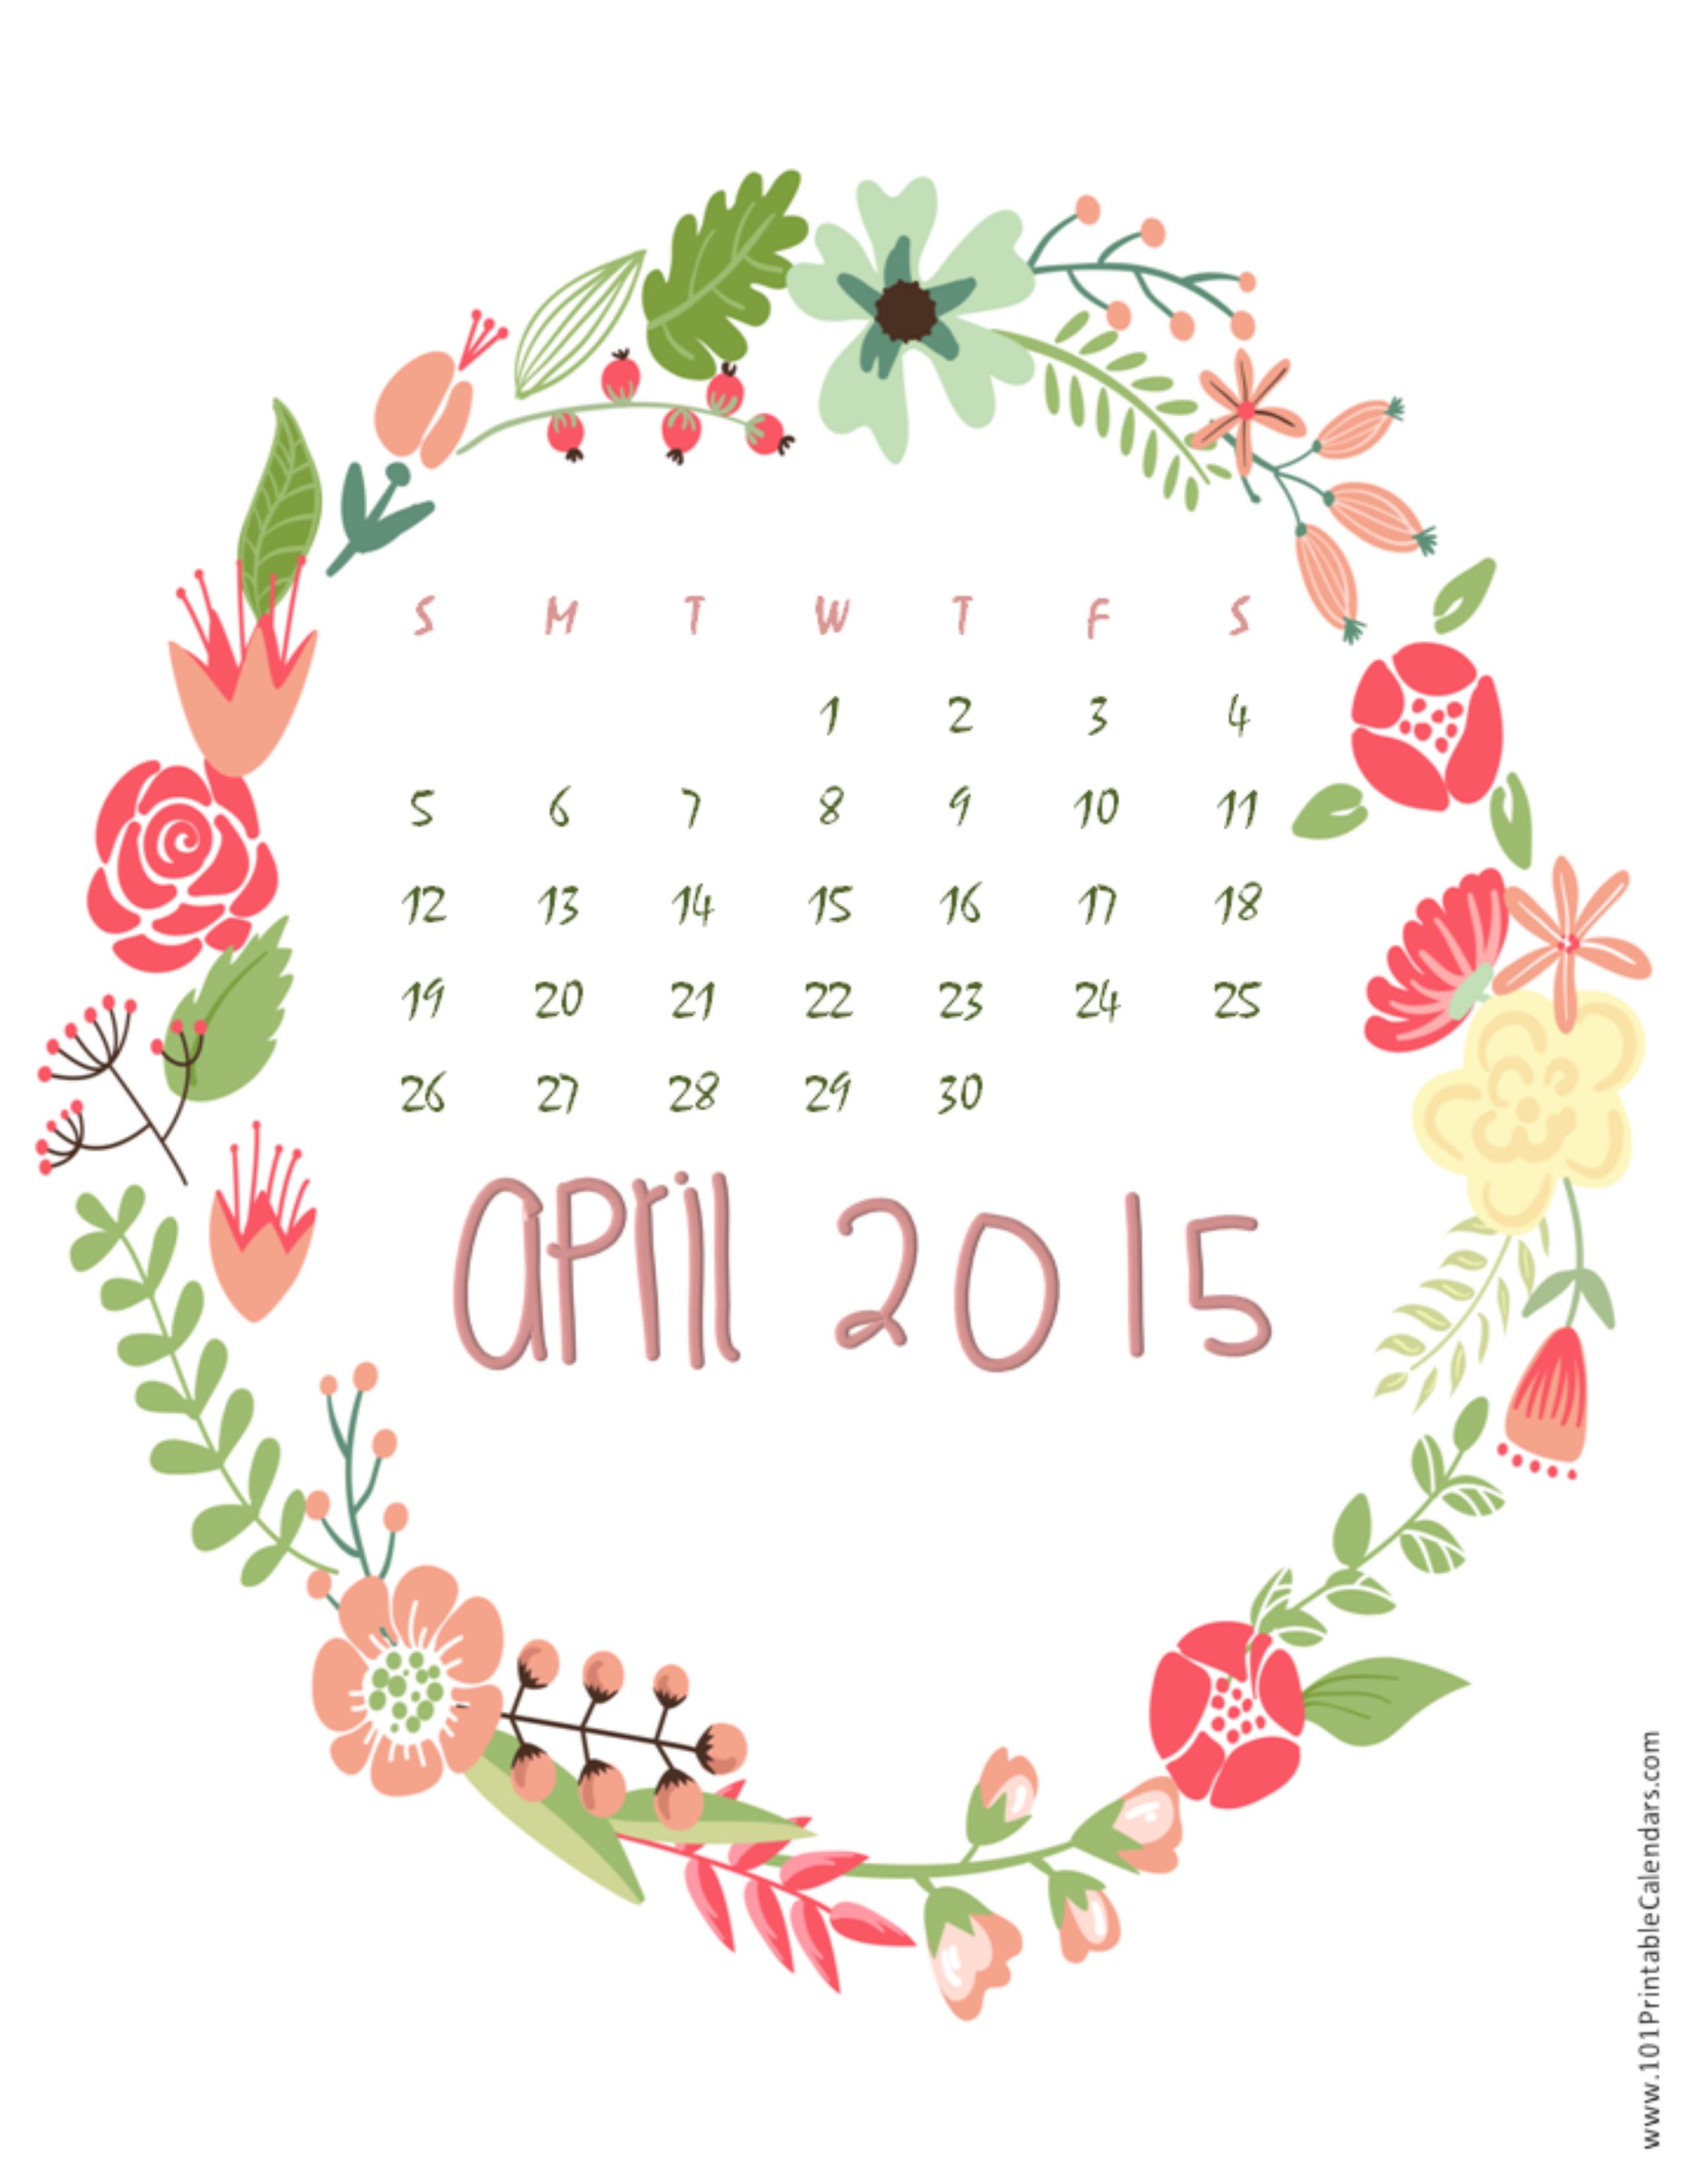 April Calendar 2015 Wallpaper 6 2550x3300